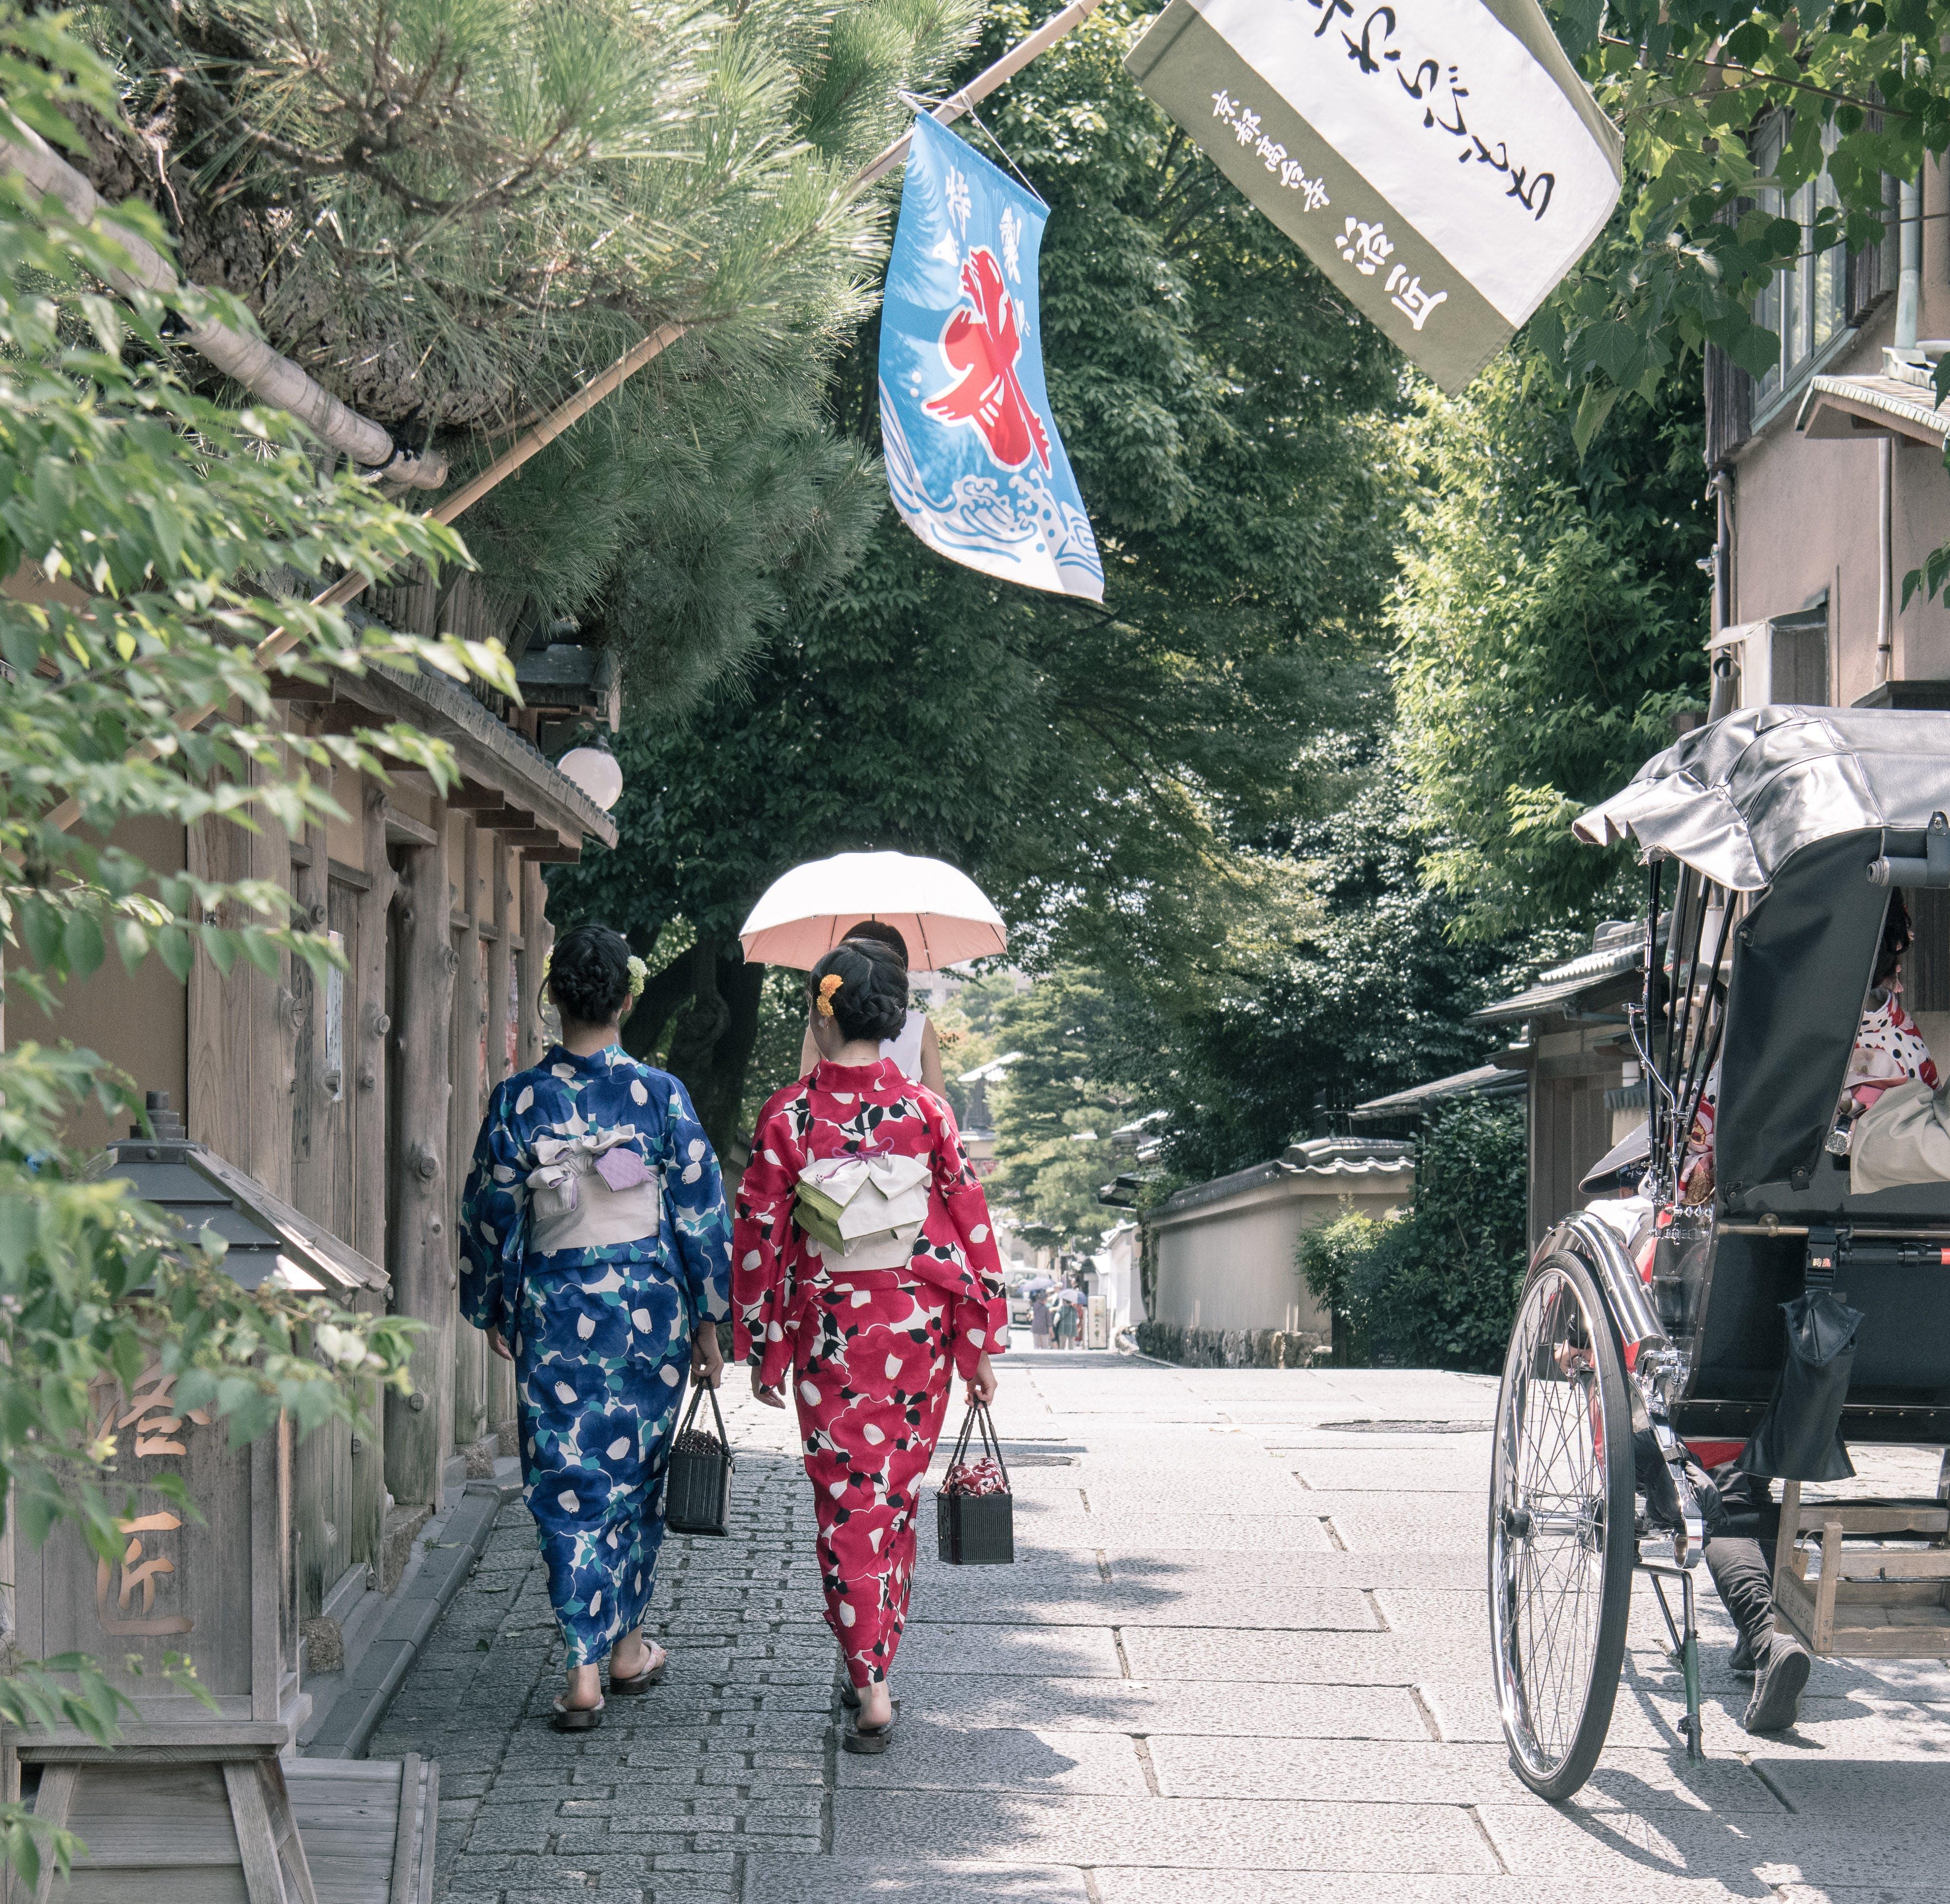 Two Woman Wearing Kimono Dress Walking Beside Sidewalk